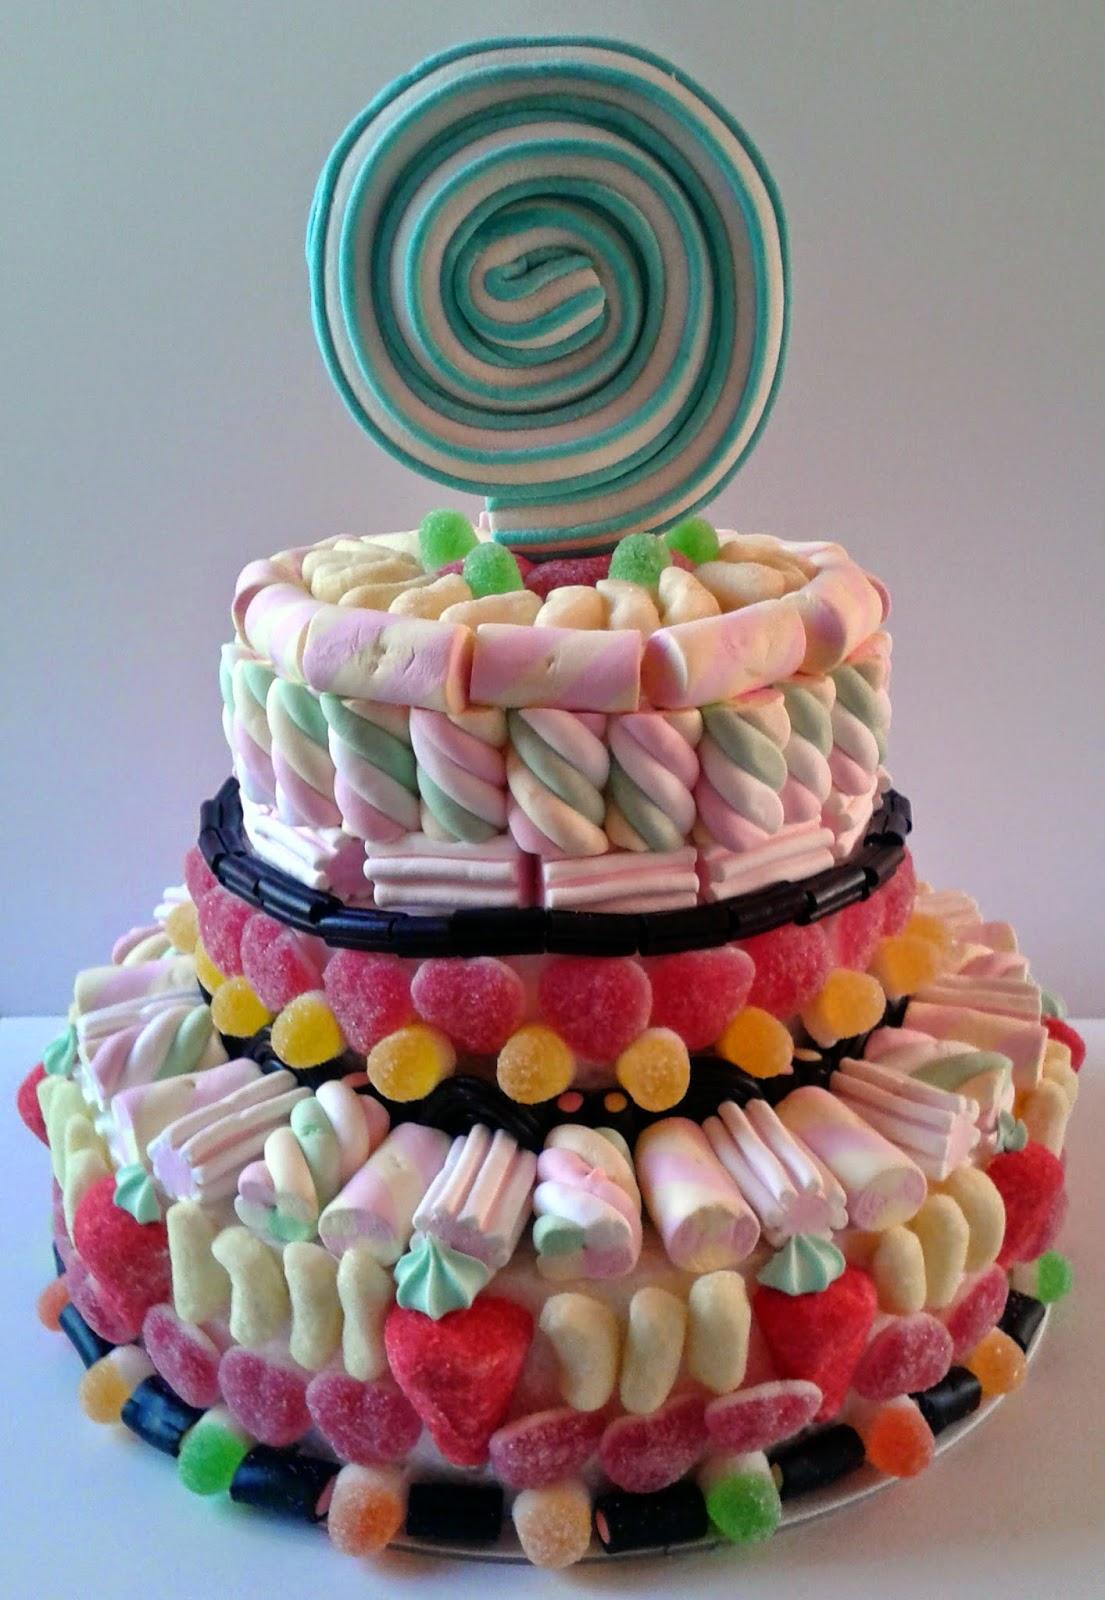 Popolare fior di anna: Torta di caramelle KO79